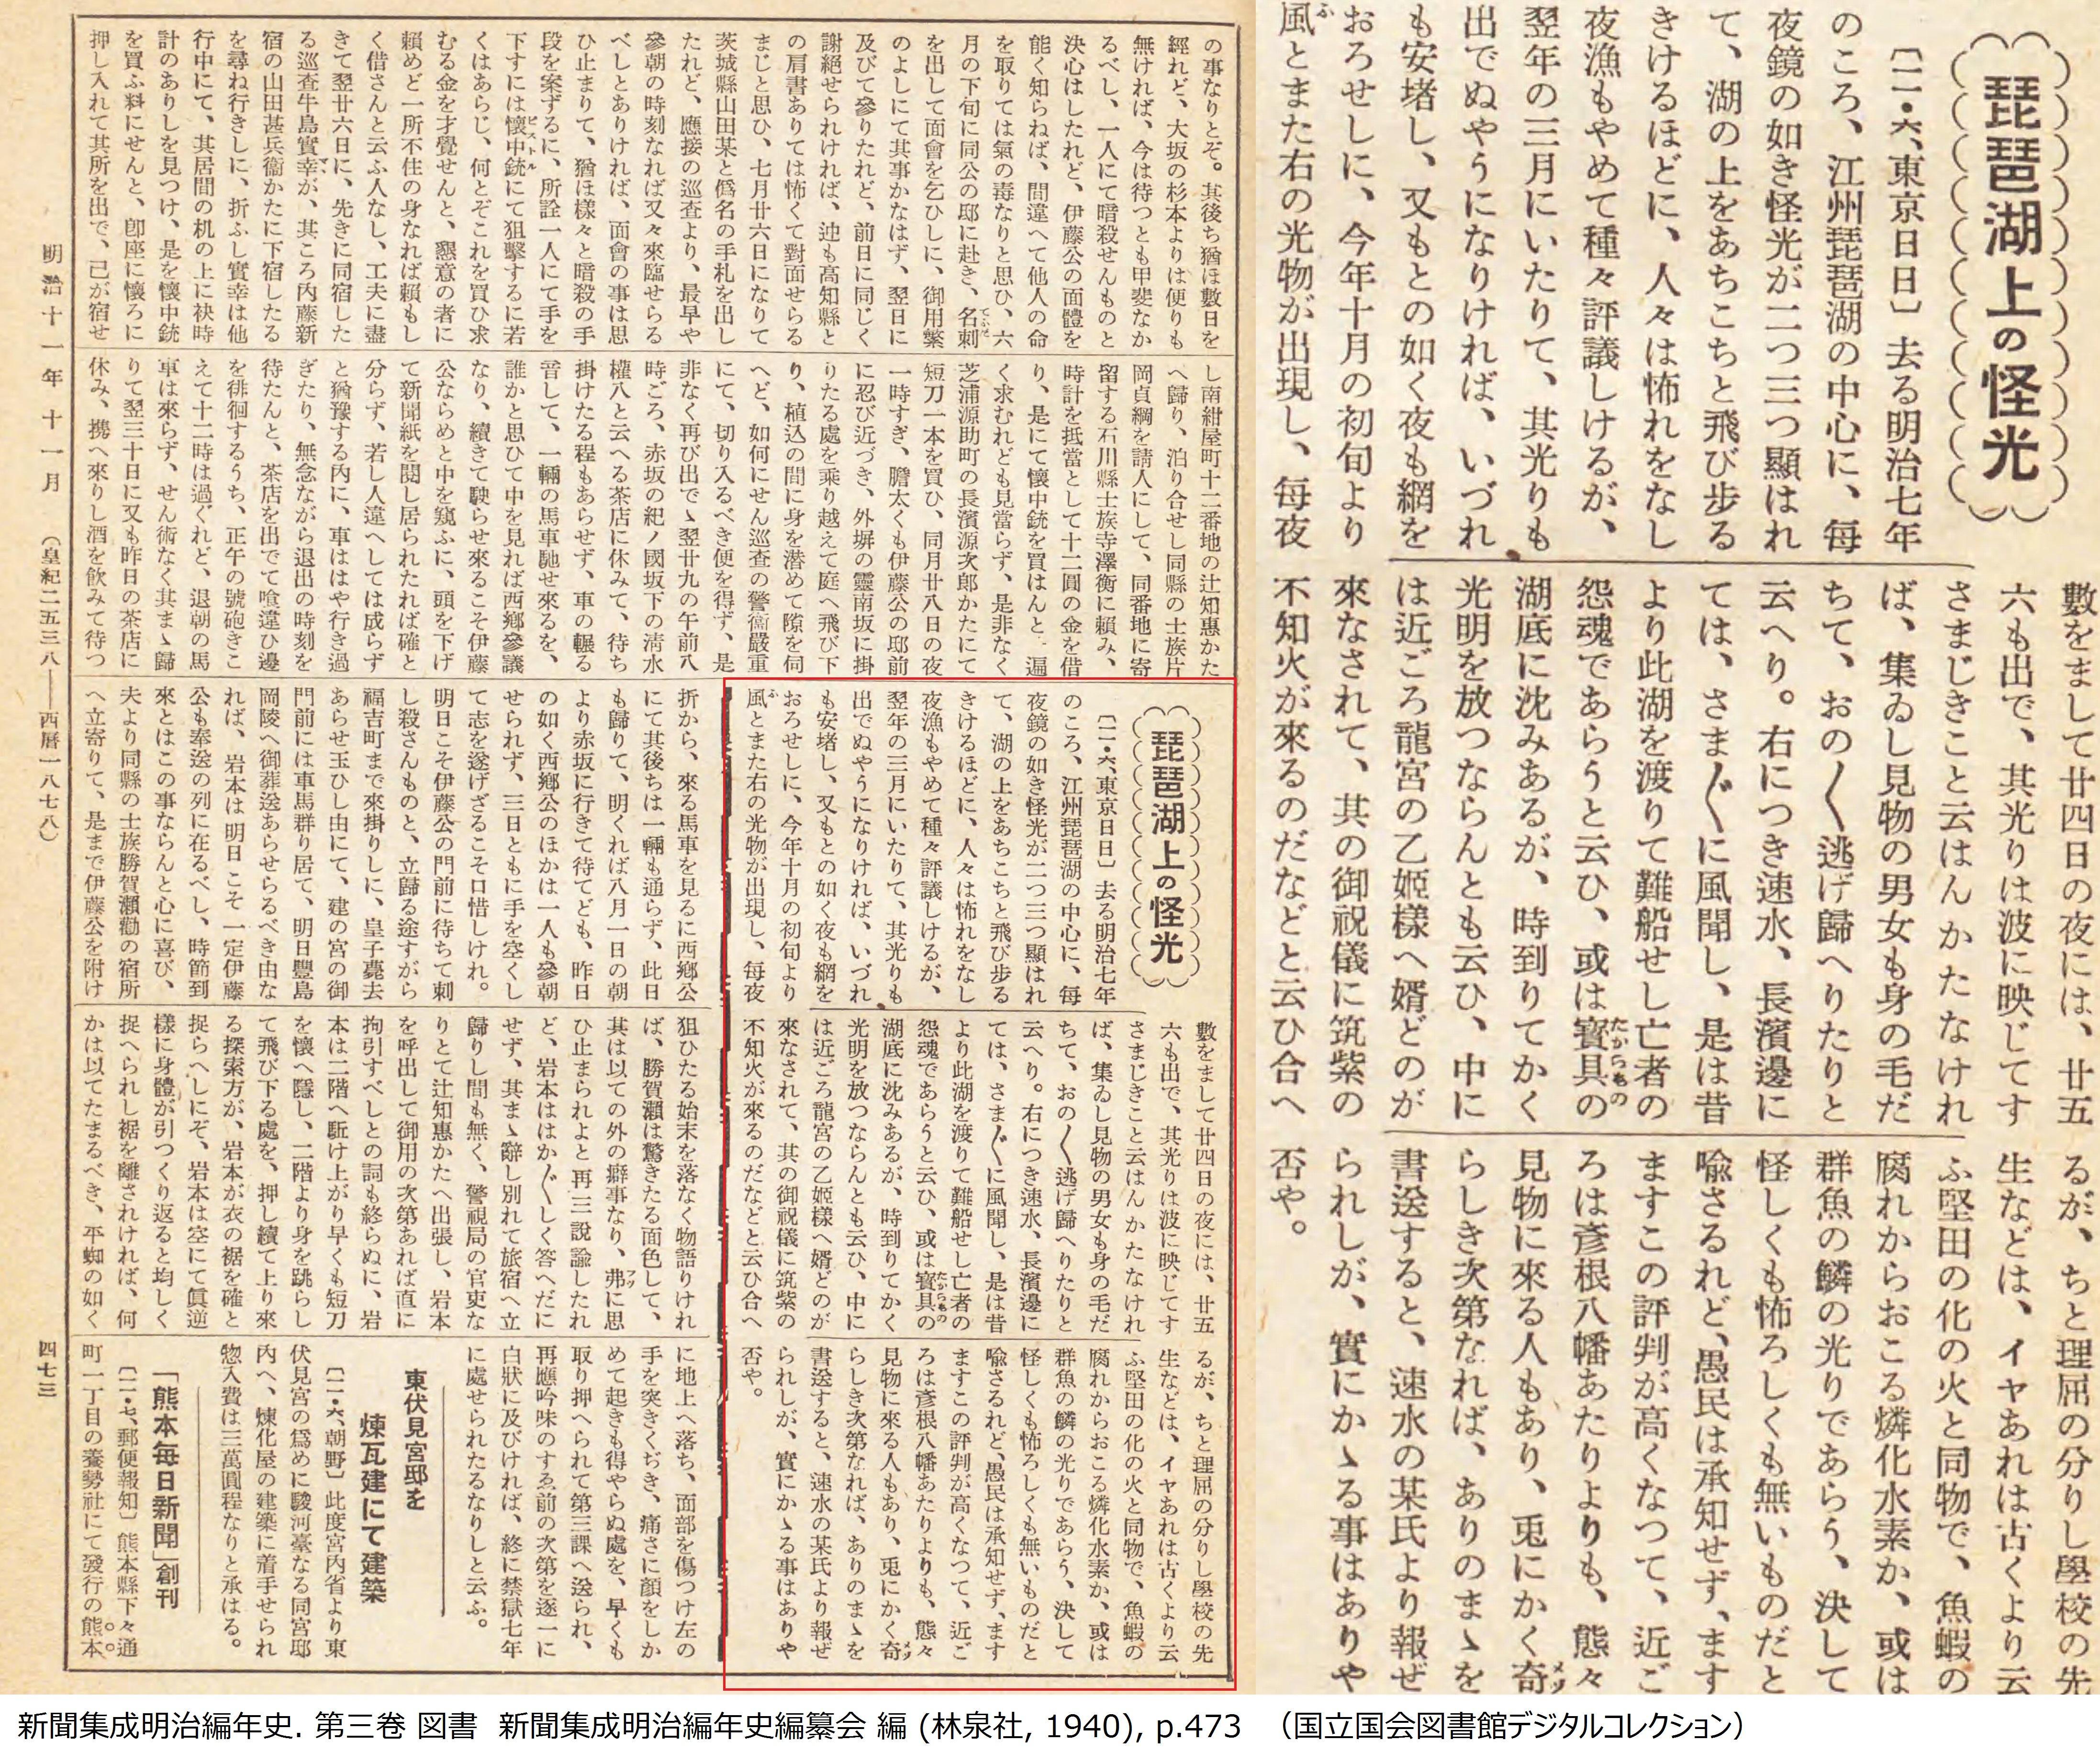 怪現象記事】琵琶湖に現れた怪しい光 / 明治7(1874)年~明治8(1875)年 ...